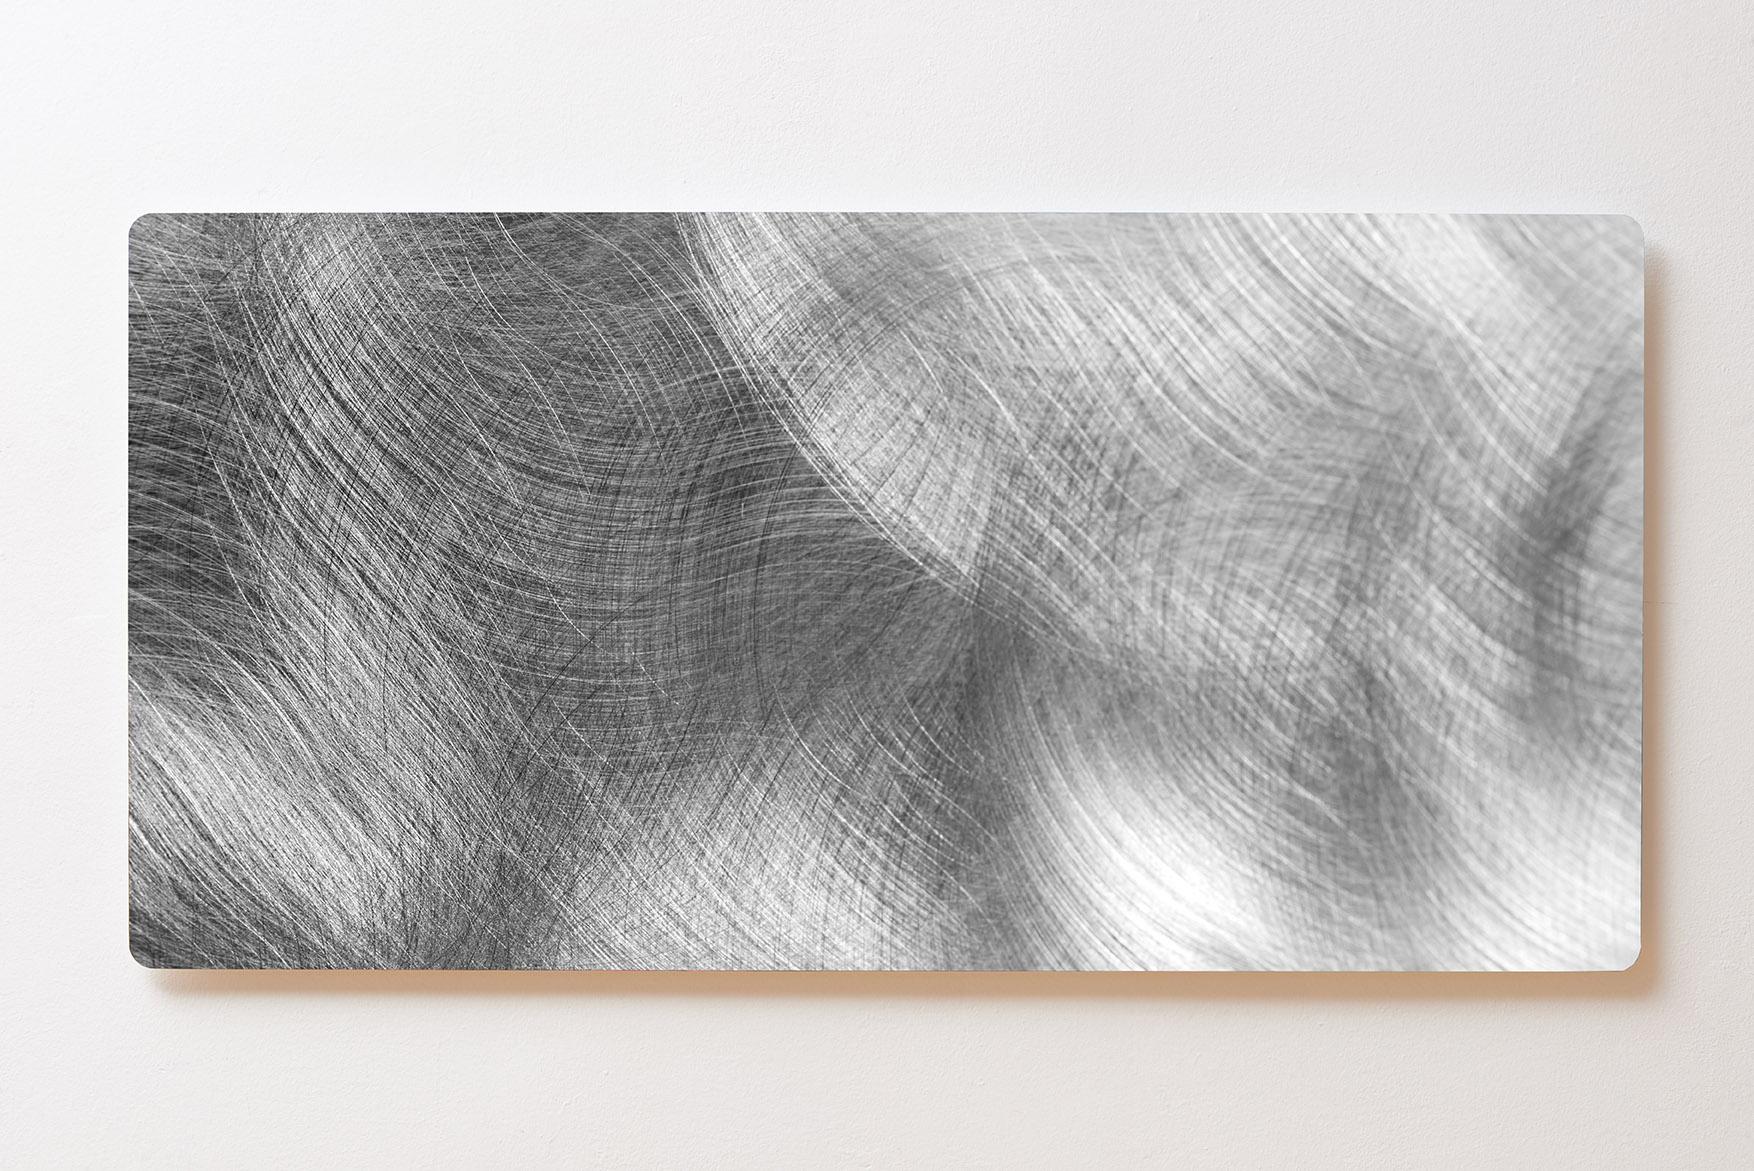 Magnettafel BACKLIGHT 120x60cm Motiv-Wandbild M111 Metall Geschliffen